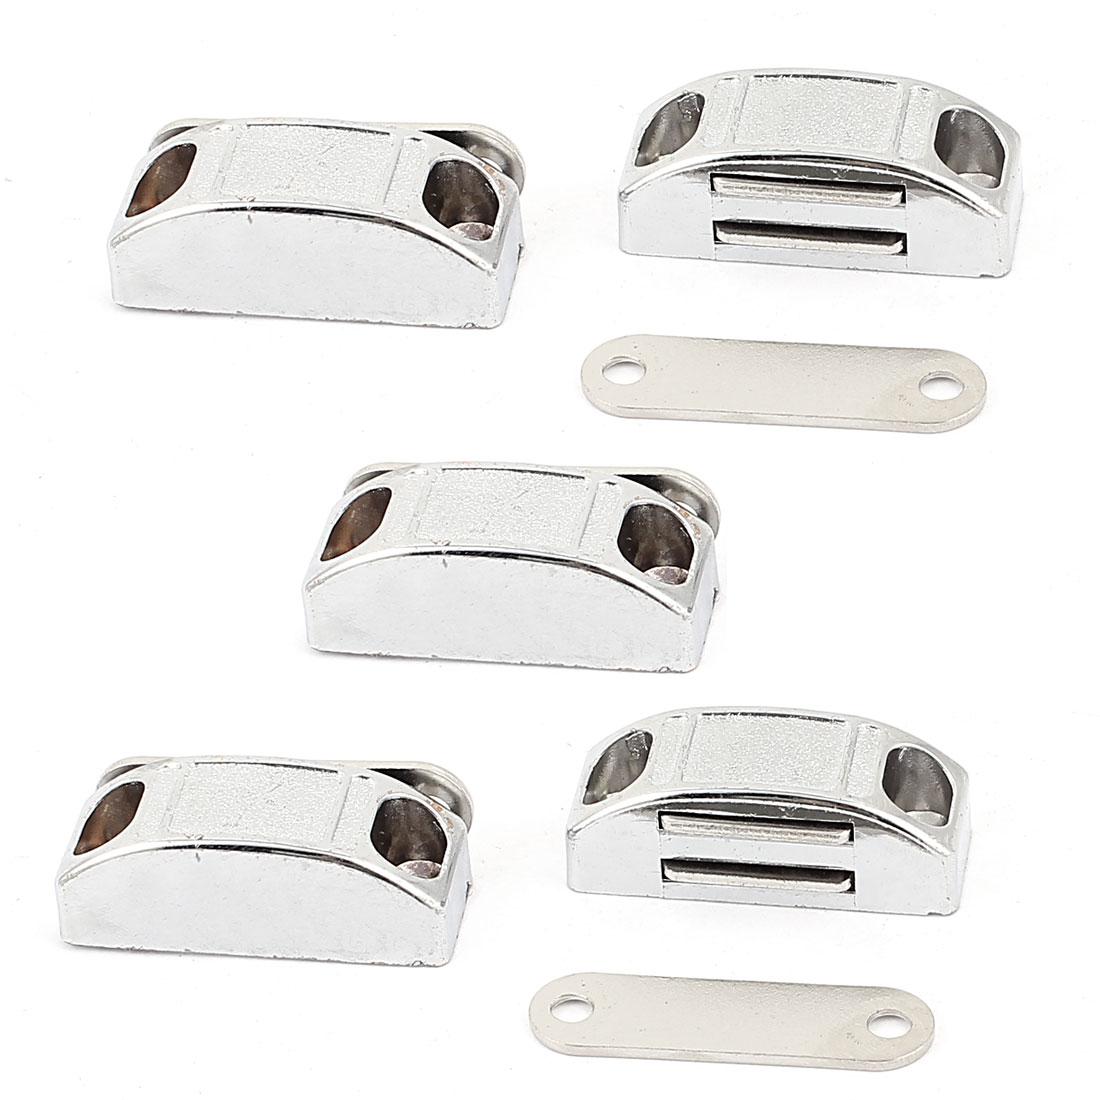 Cupboard Wardrobe Cabinet Door Magnetic Catch Stopper Holder Latch 5pcs w Screws